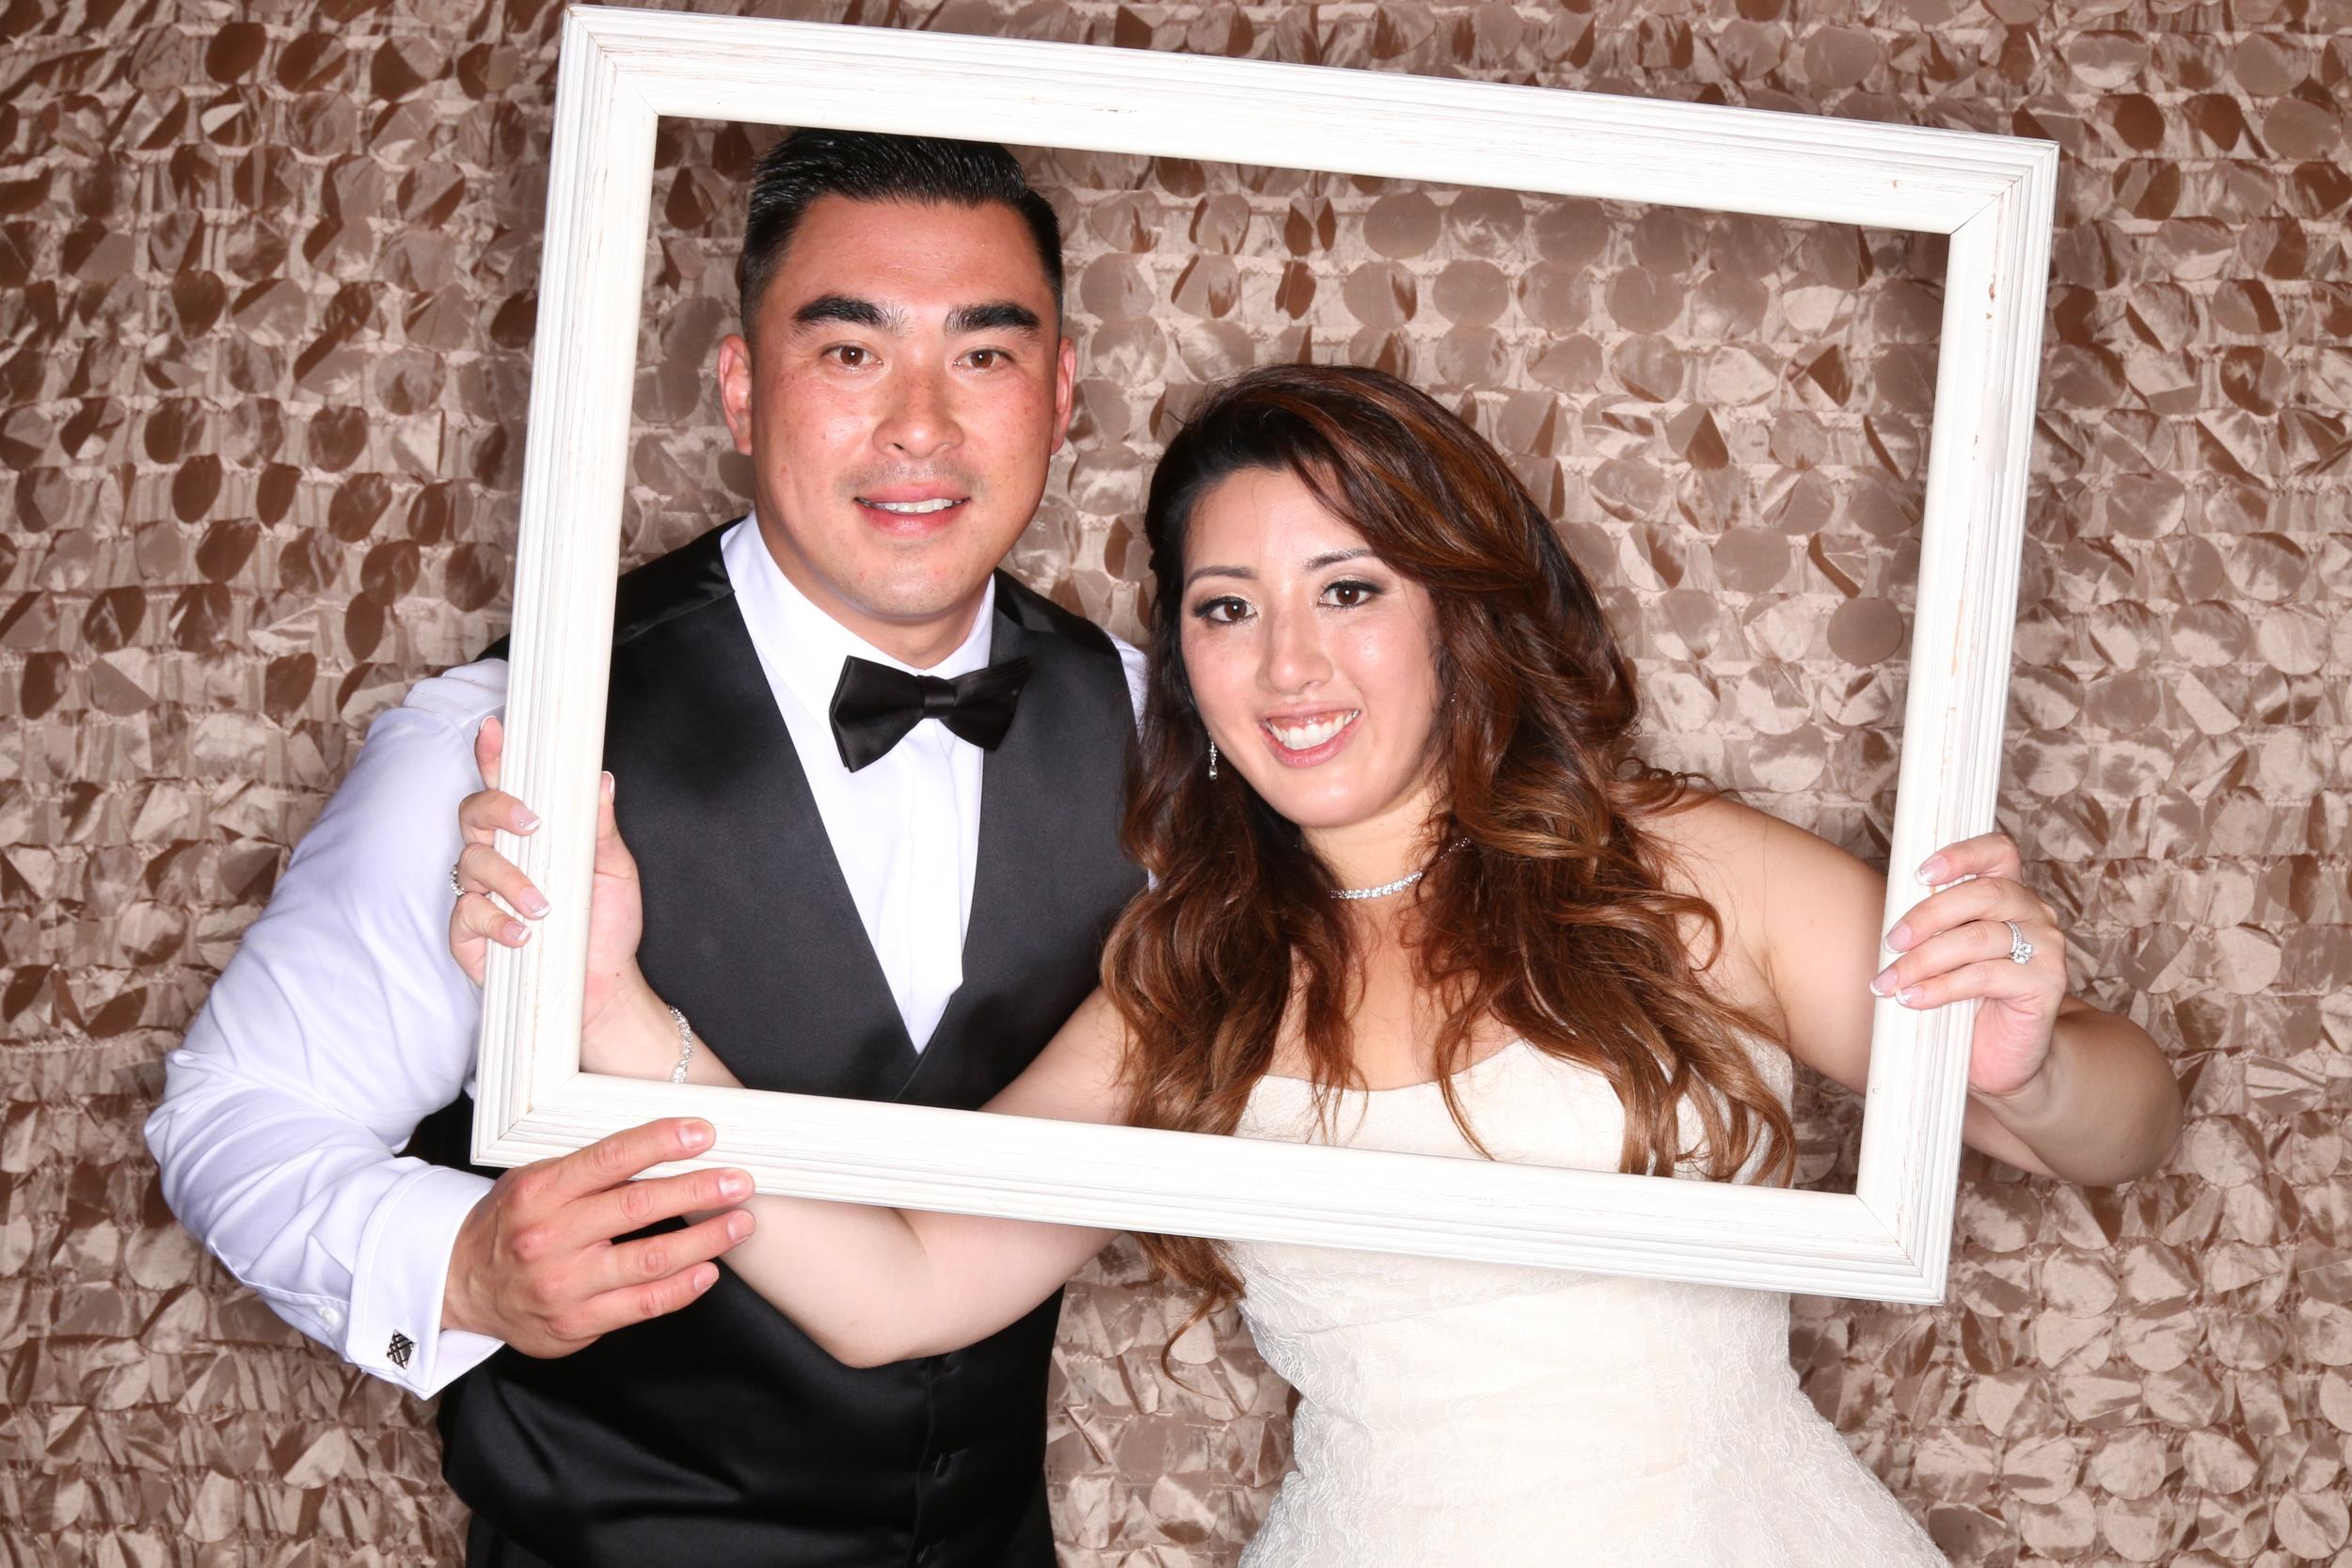 Tiffany and Hong Wedding Gallery 1